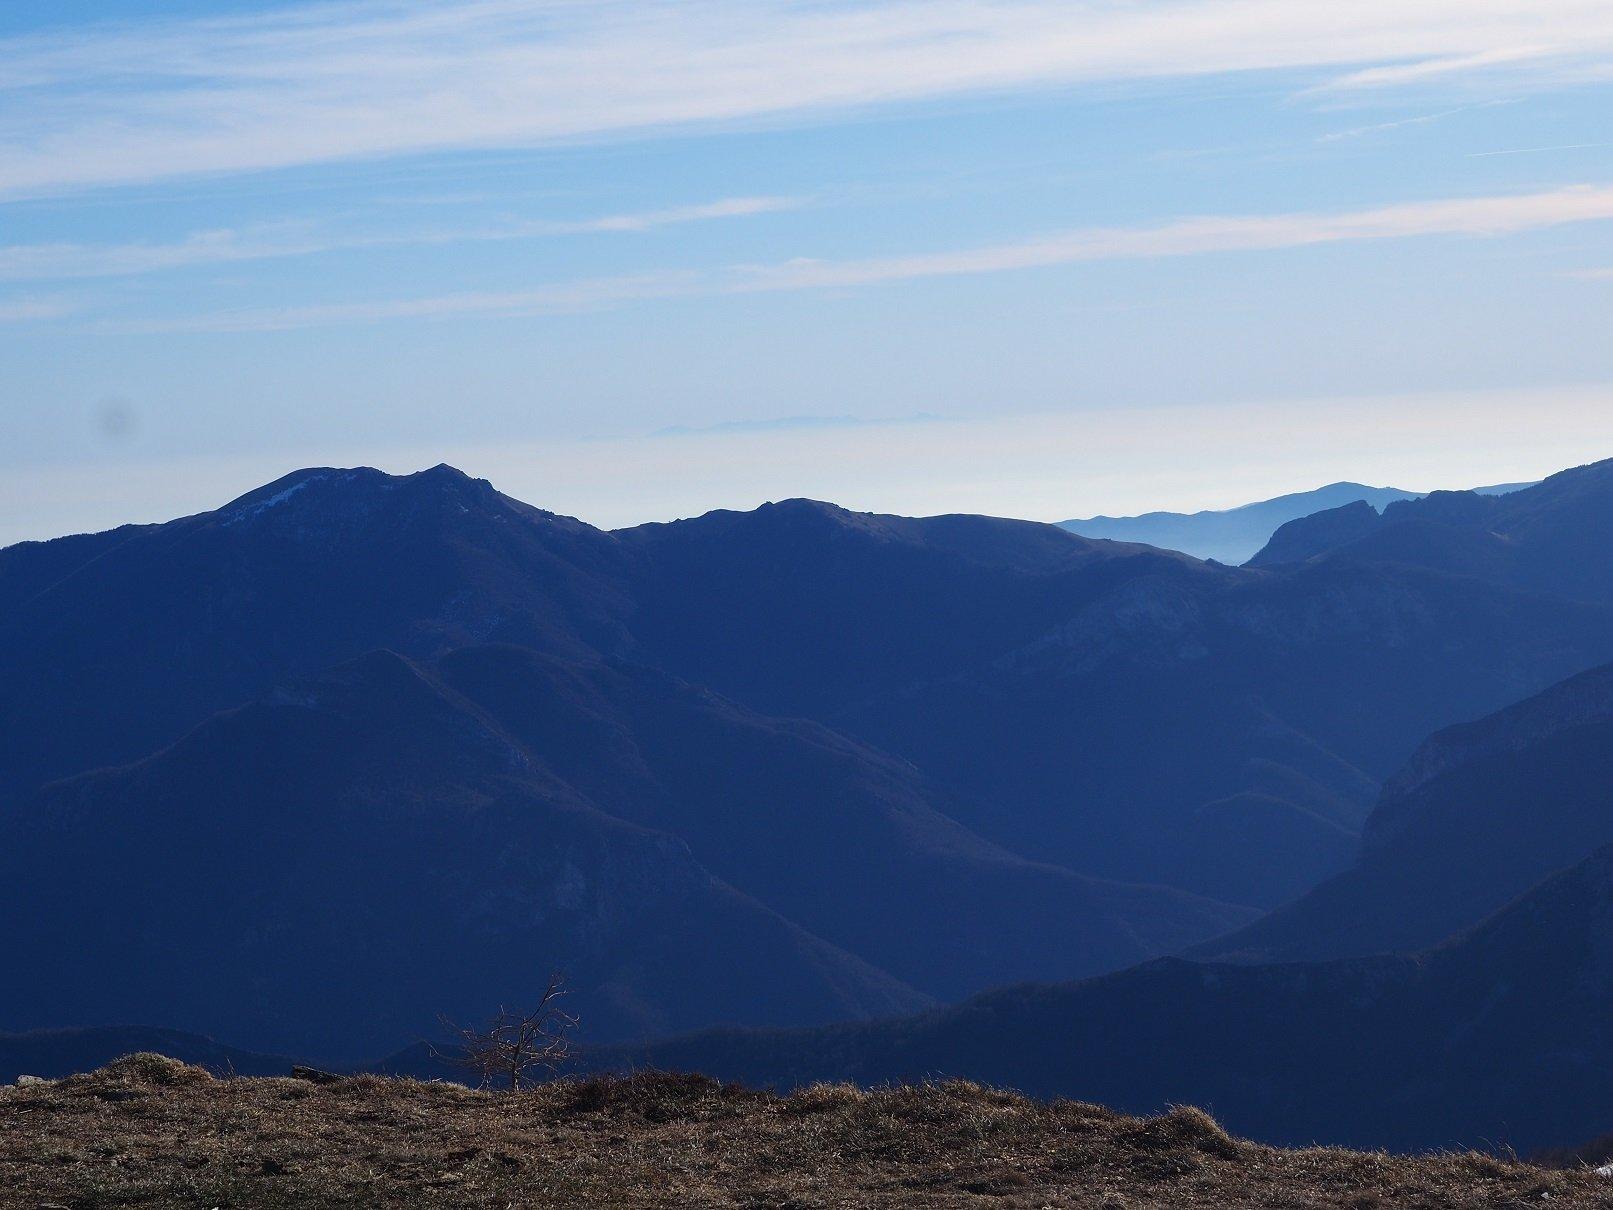 Al centro, in lontananza, il profilo della Corsica.